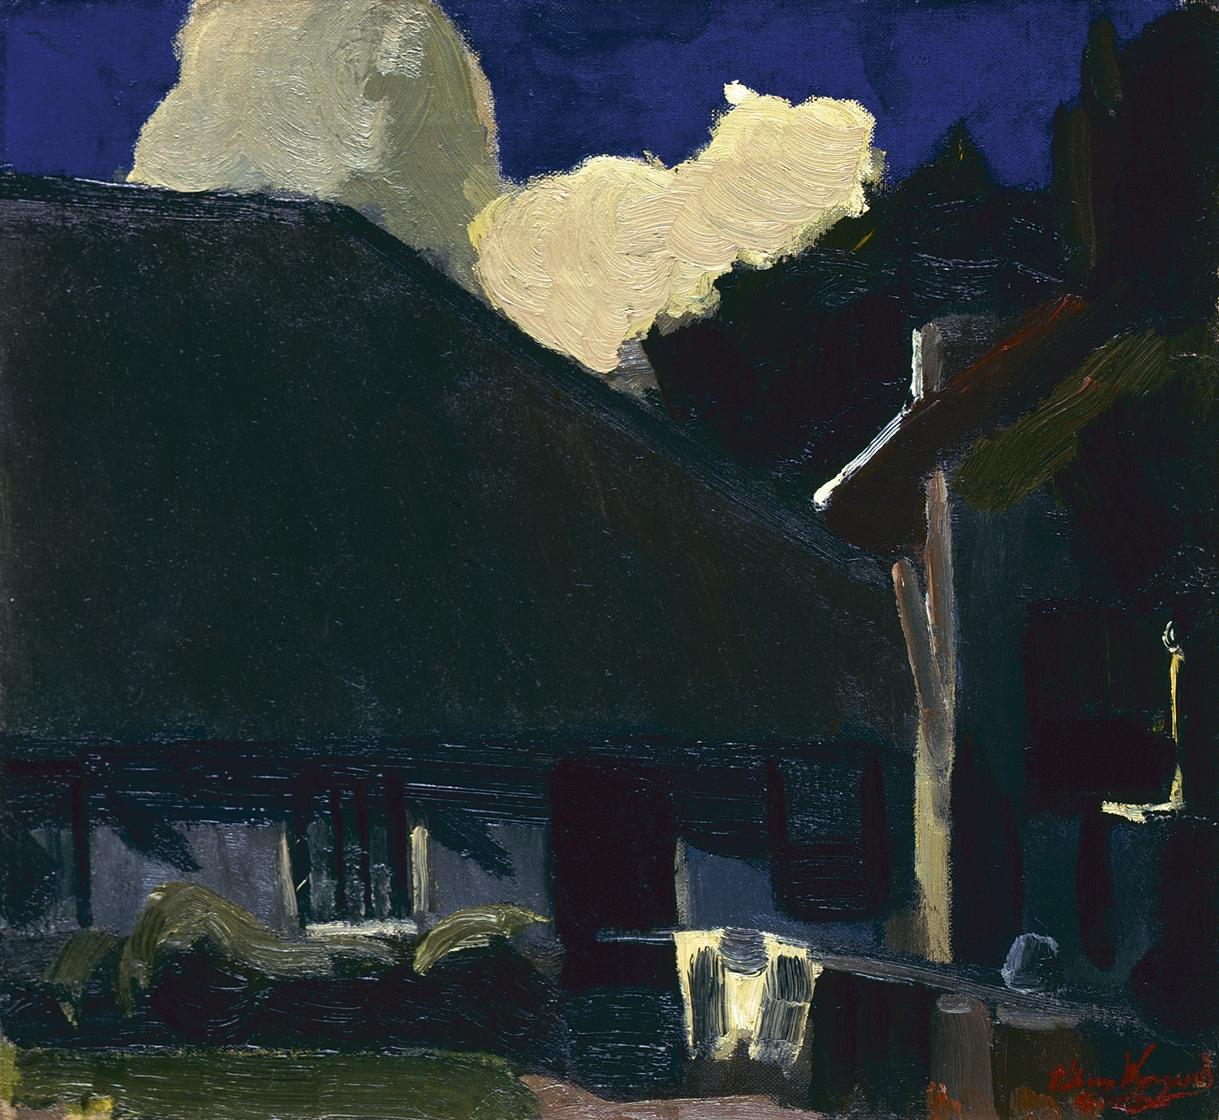 Wijngaerdt, P.T. van - Boerenwoning met blauwe lucht en witte wolken, olieverf op doek 38,4 x 41,4 cm, gesigneerd r.o. en te dateren ca. 1915